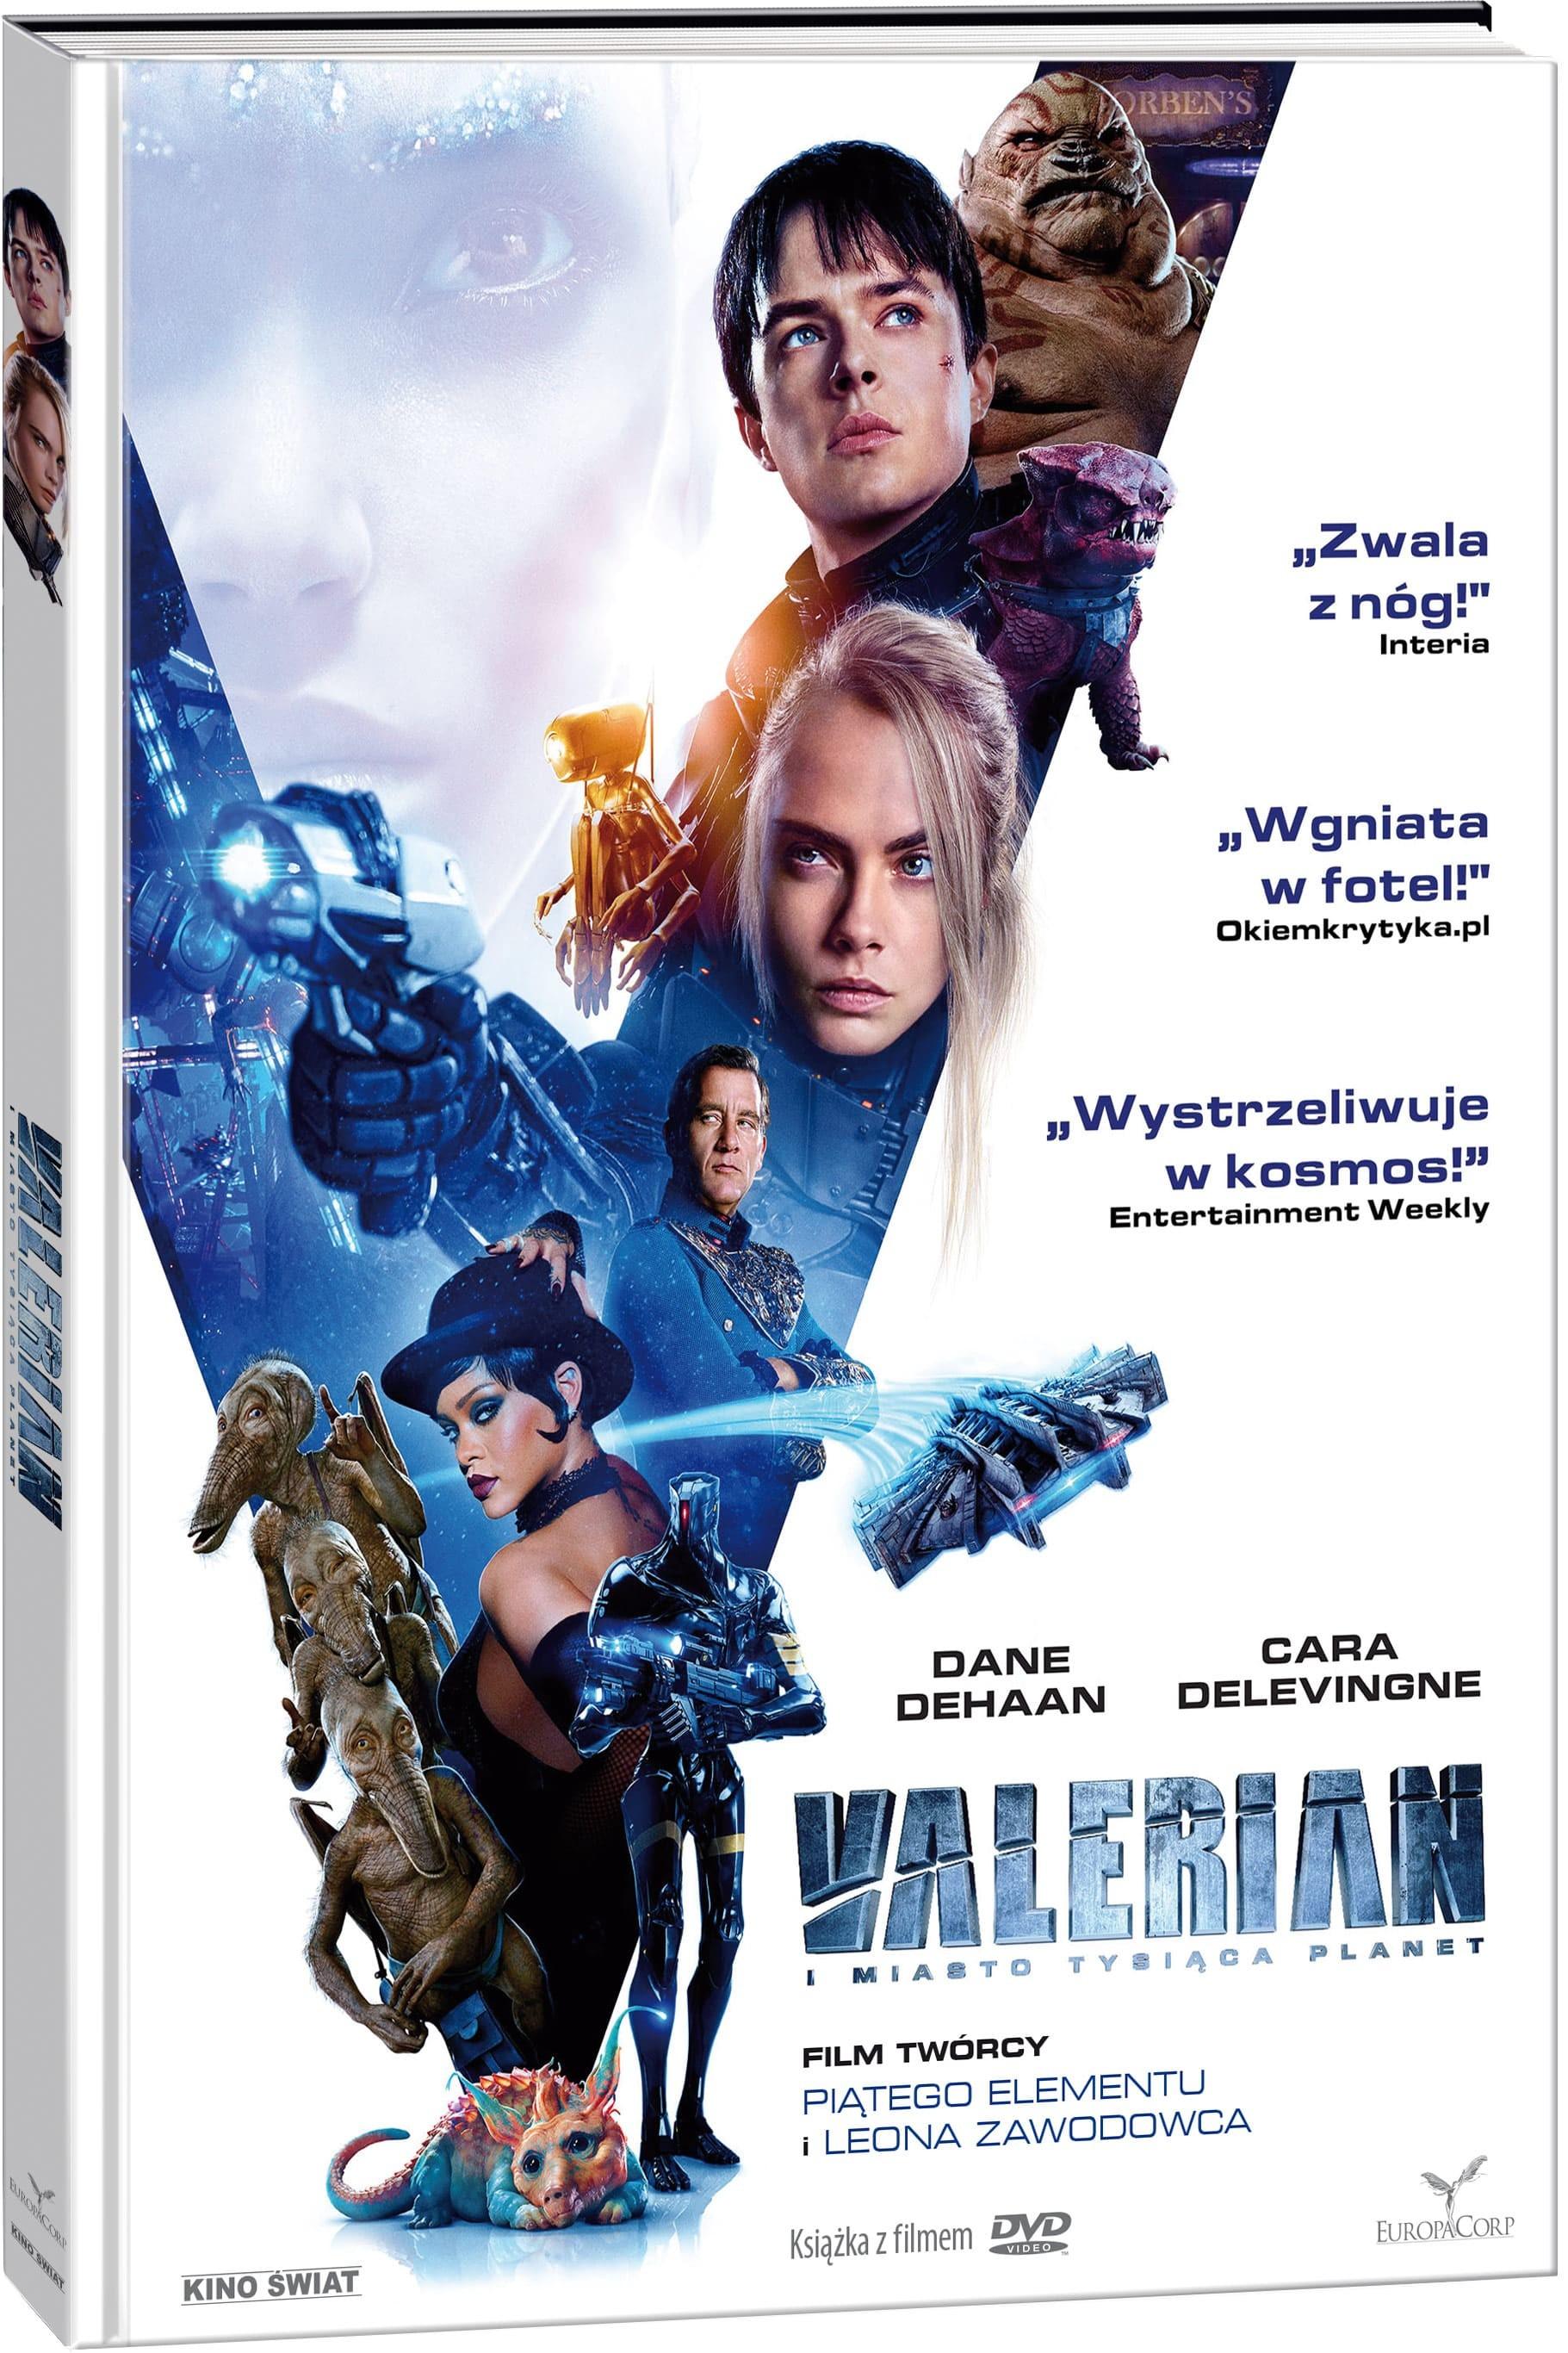 3D__VALERIAN__ksiazka_z_DVD-3-min.jpg